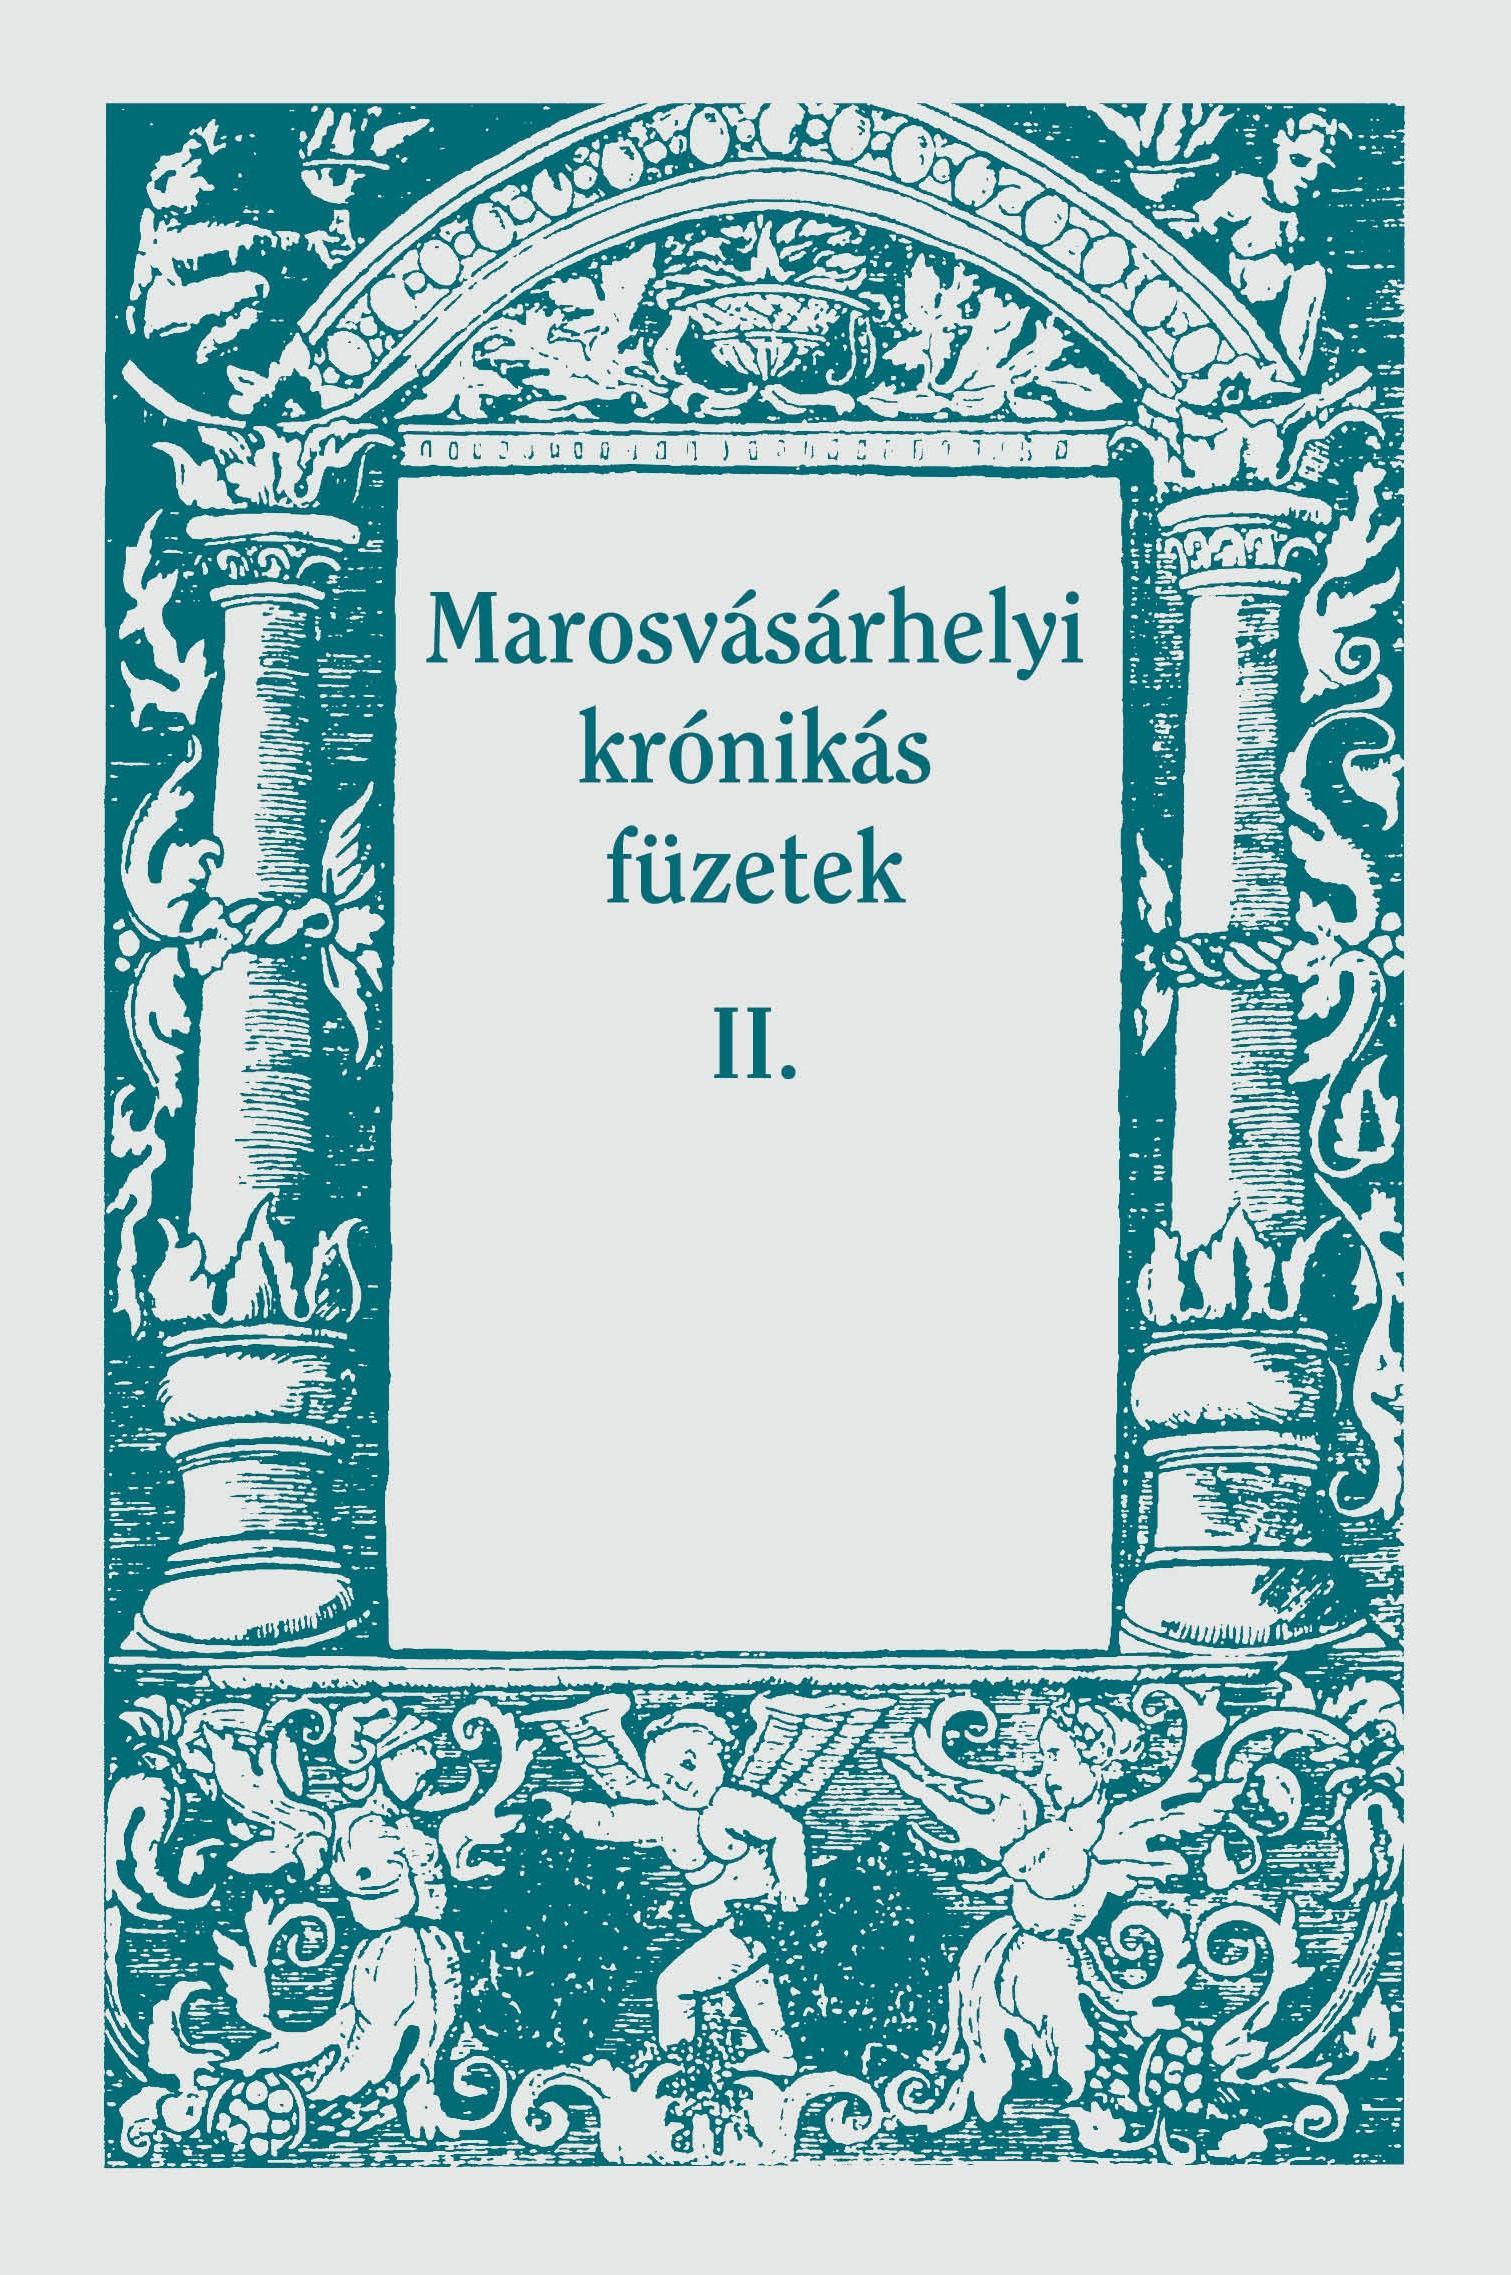 MAROSVÁSÁRHELYI KRÓNIKÁS FÜZETEK II.